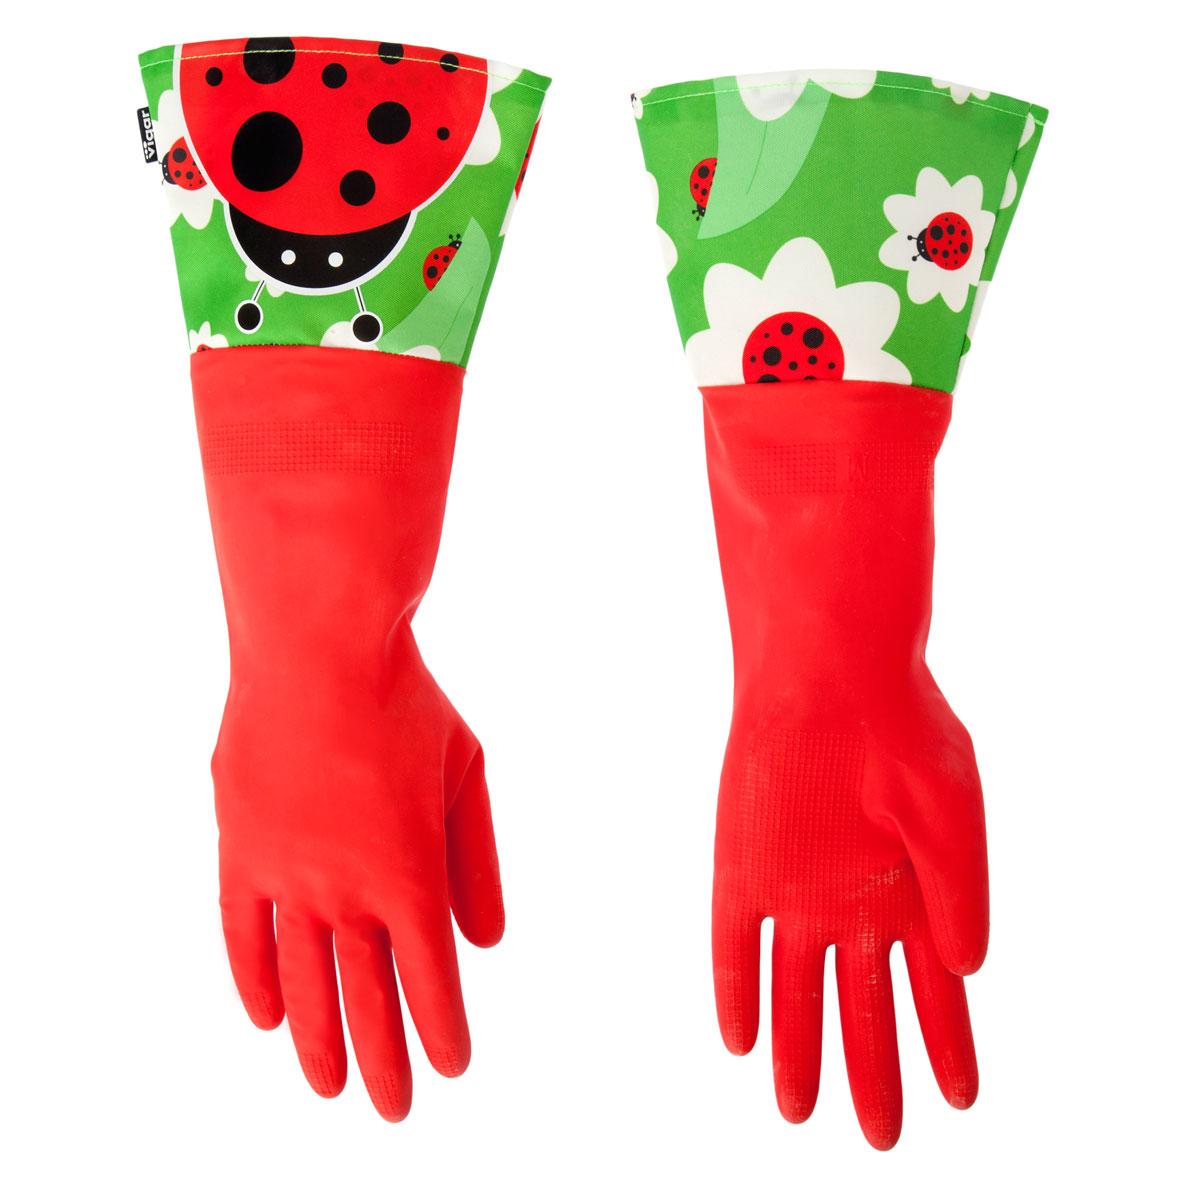 vigar 3381 gants de vaisselle ladybug comparer avec. Black Bedroom Furniture Sets. Home Design Ideas